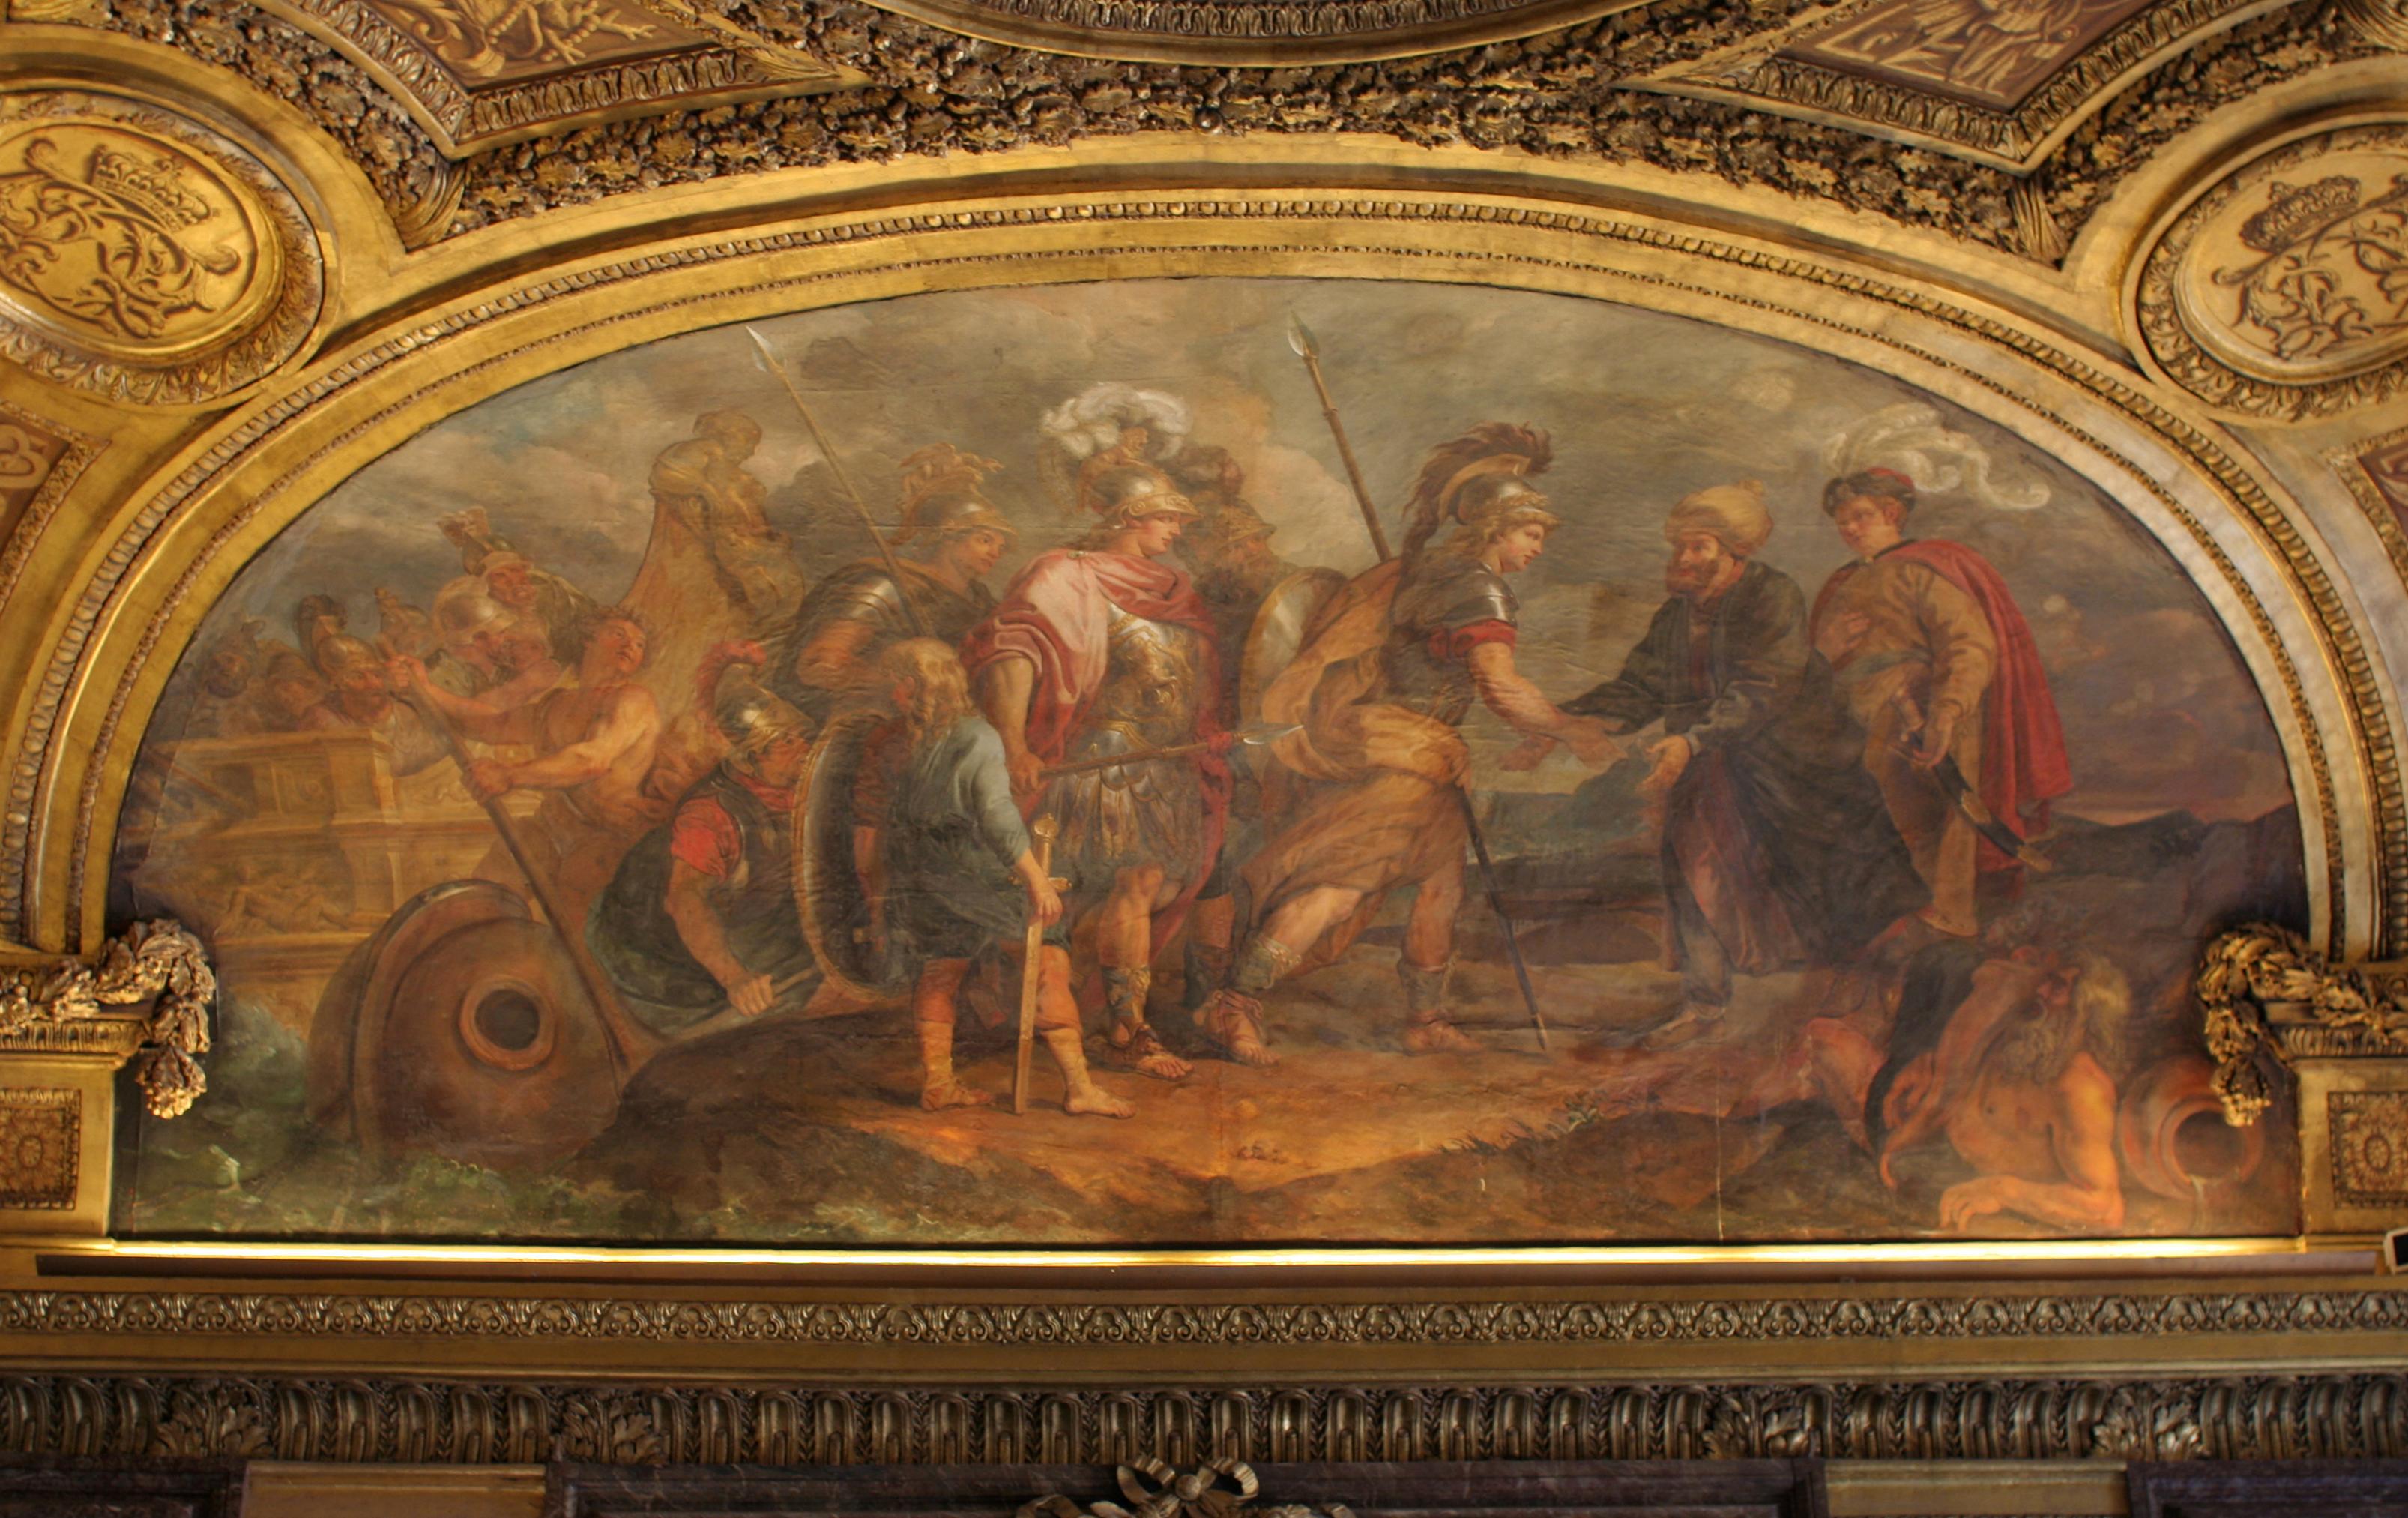 File:Château de Versailles, salon de Diane, Jason et les Argonautes débarquant en Colchide, Charles de La Fosse.jpg - Wikimedia Commons